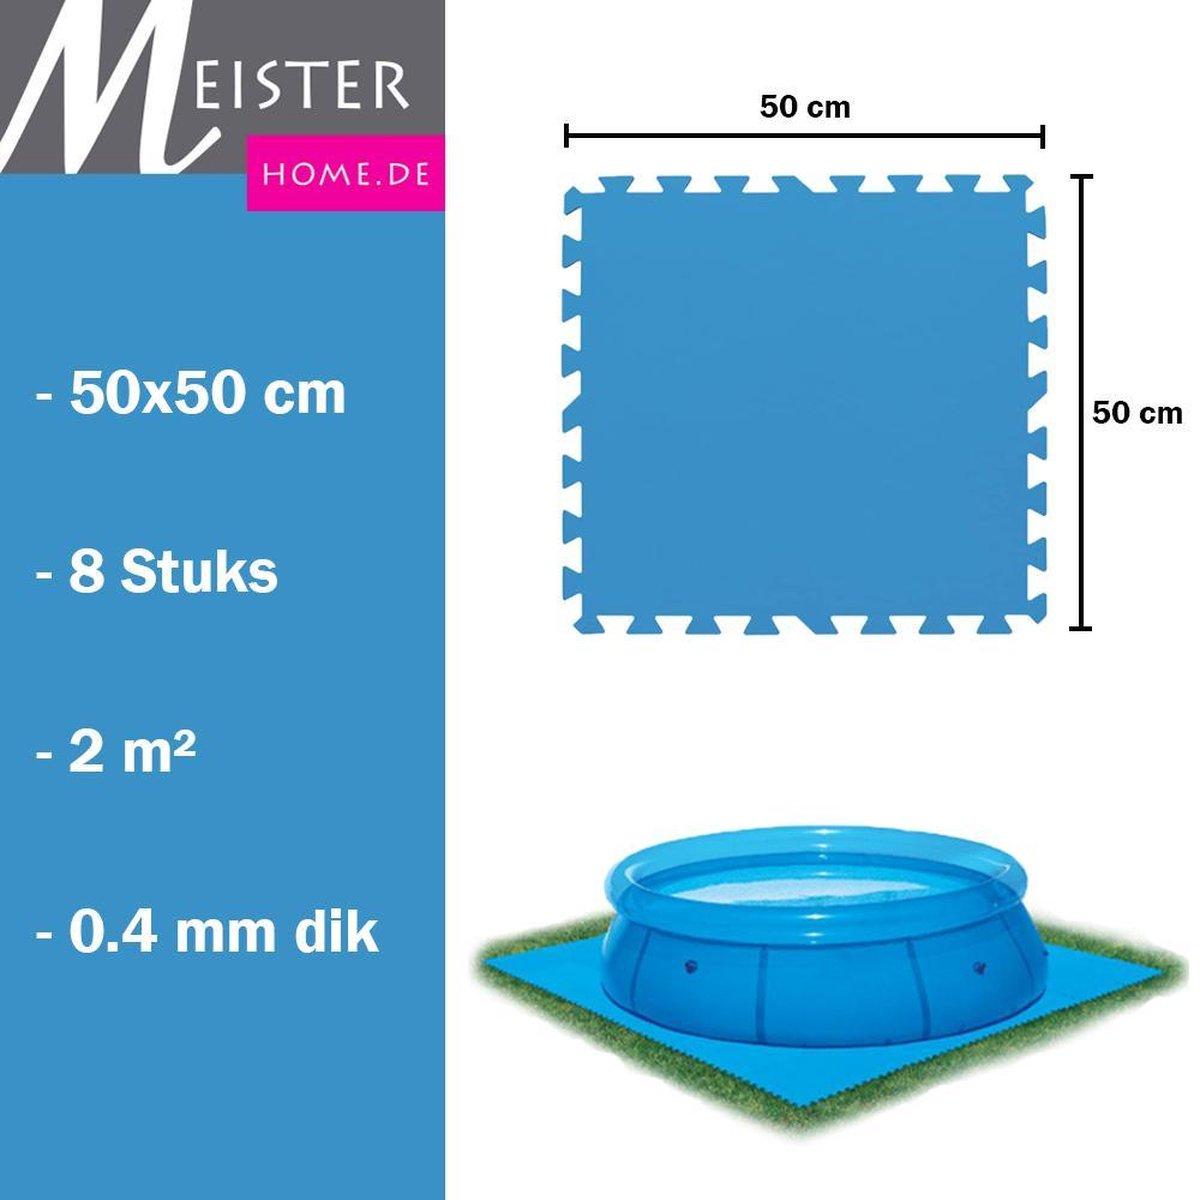 Meisterhome® Zwembad tegels - Set van 8 stuks - 50x50 cm - 2 m² - Bodem bescherming - Ondertegels - Ondervloer - Ondergrond - Foam tegels - Matten - Puzzelmat voor zwembad - Zwembadtegels